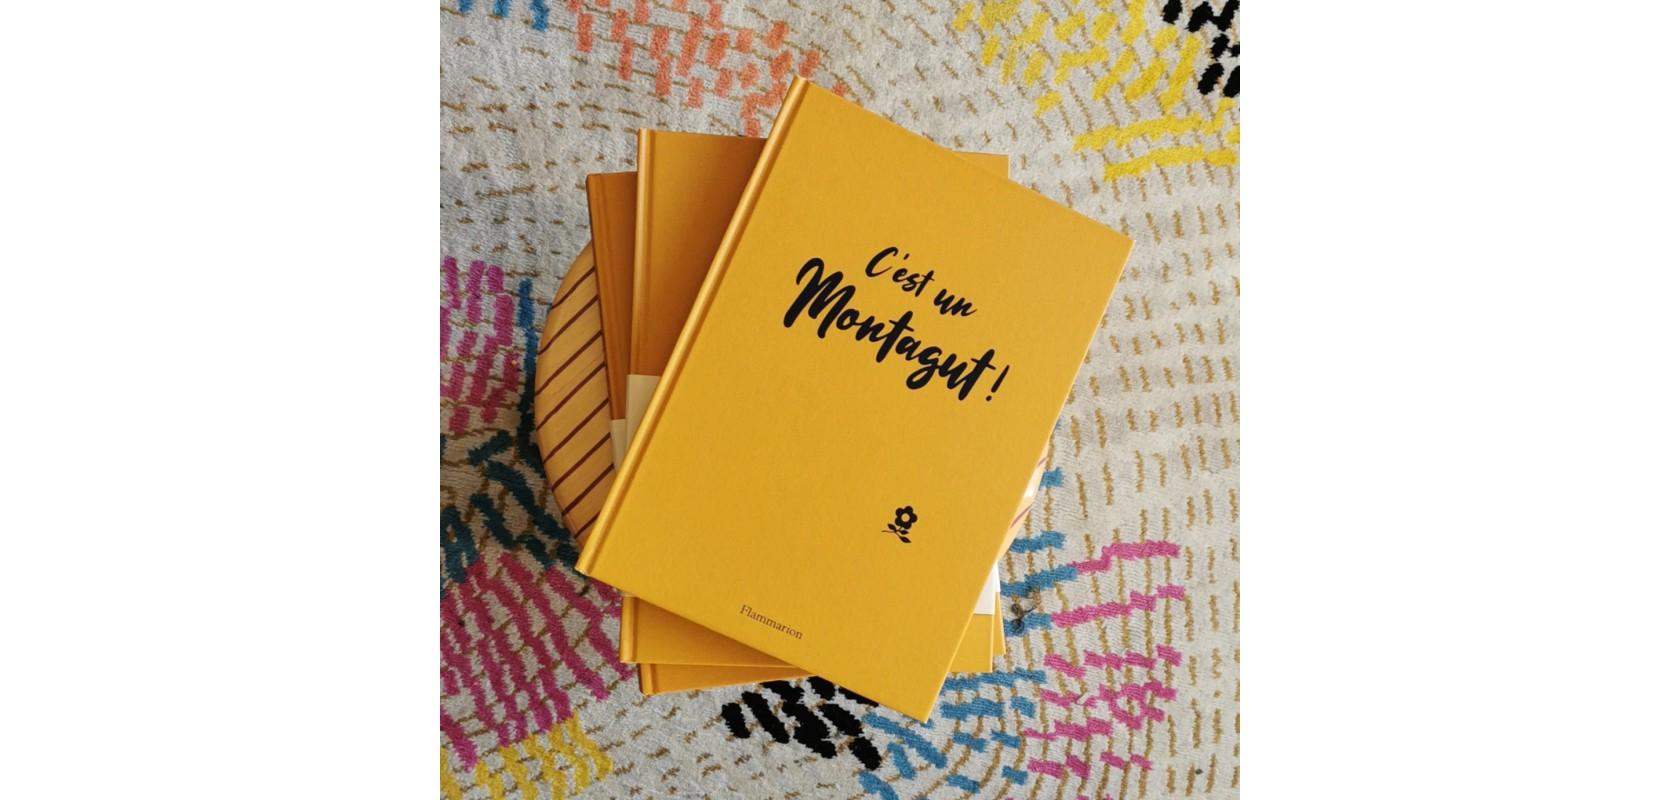 clothing it's a montagut! the book . Maison Montagut